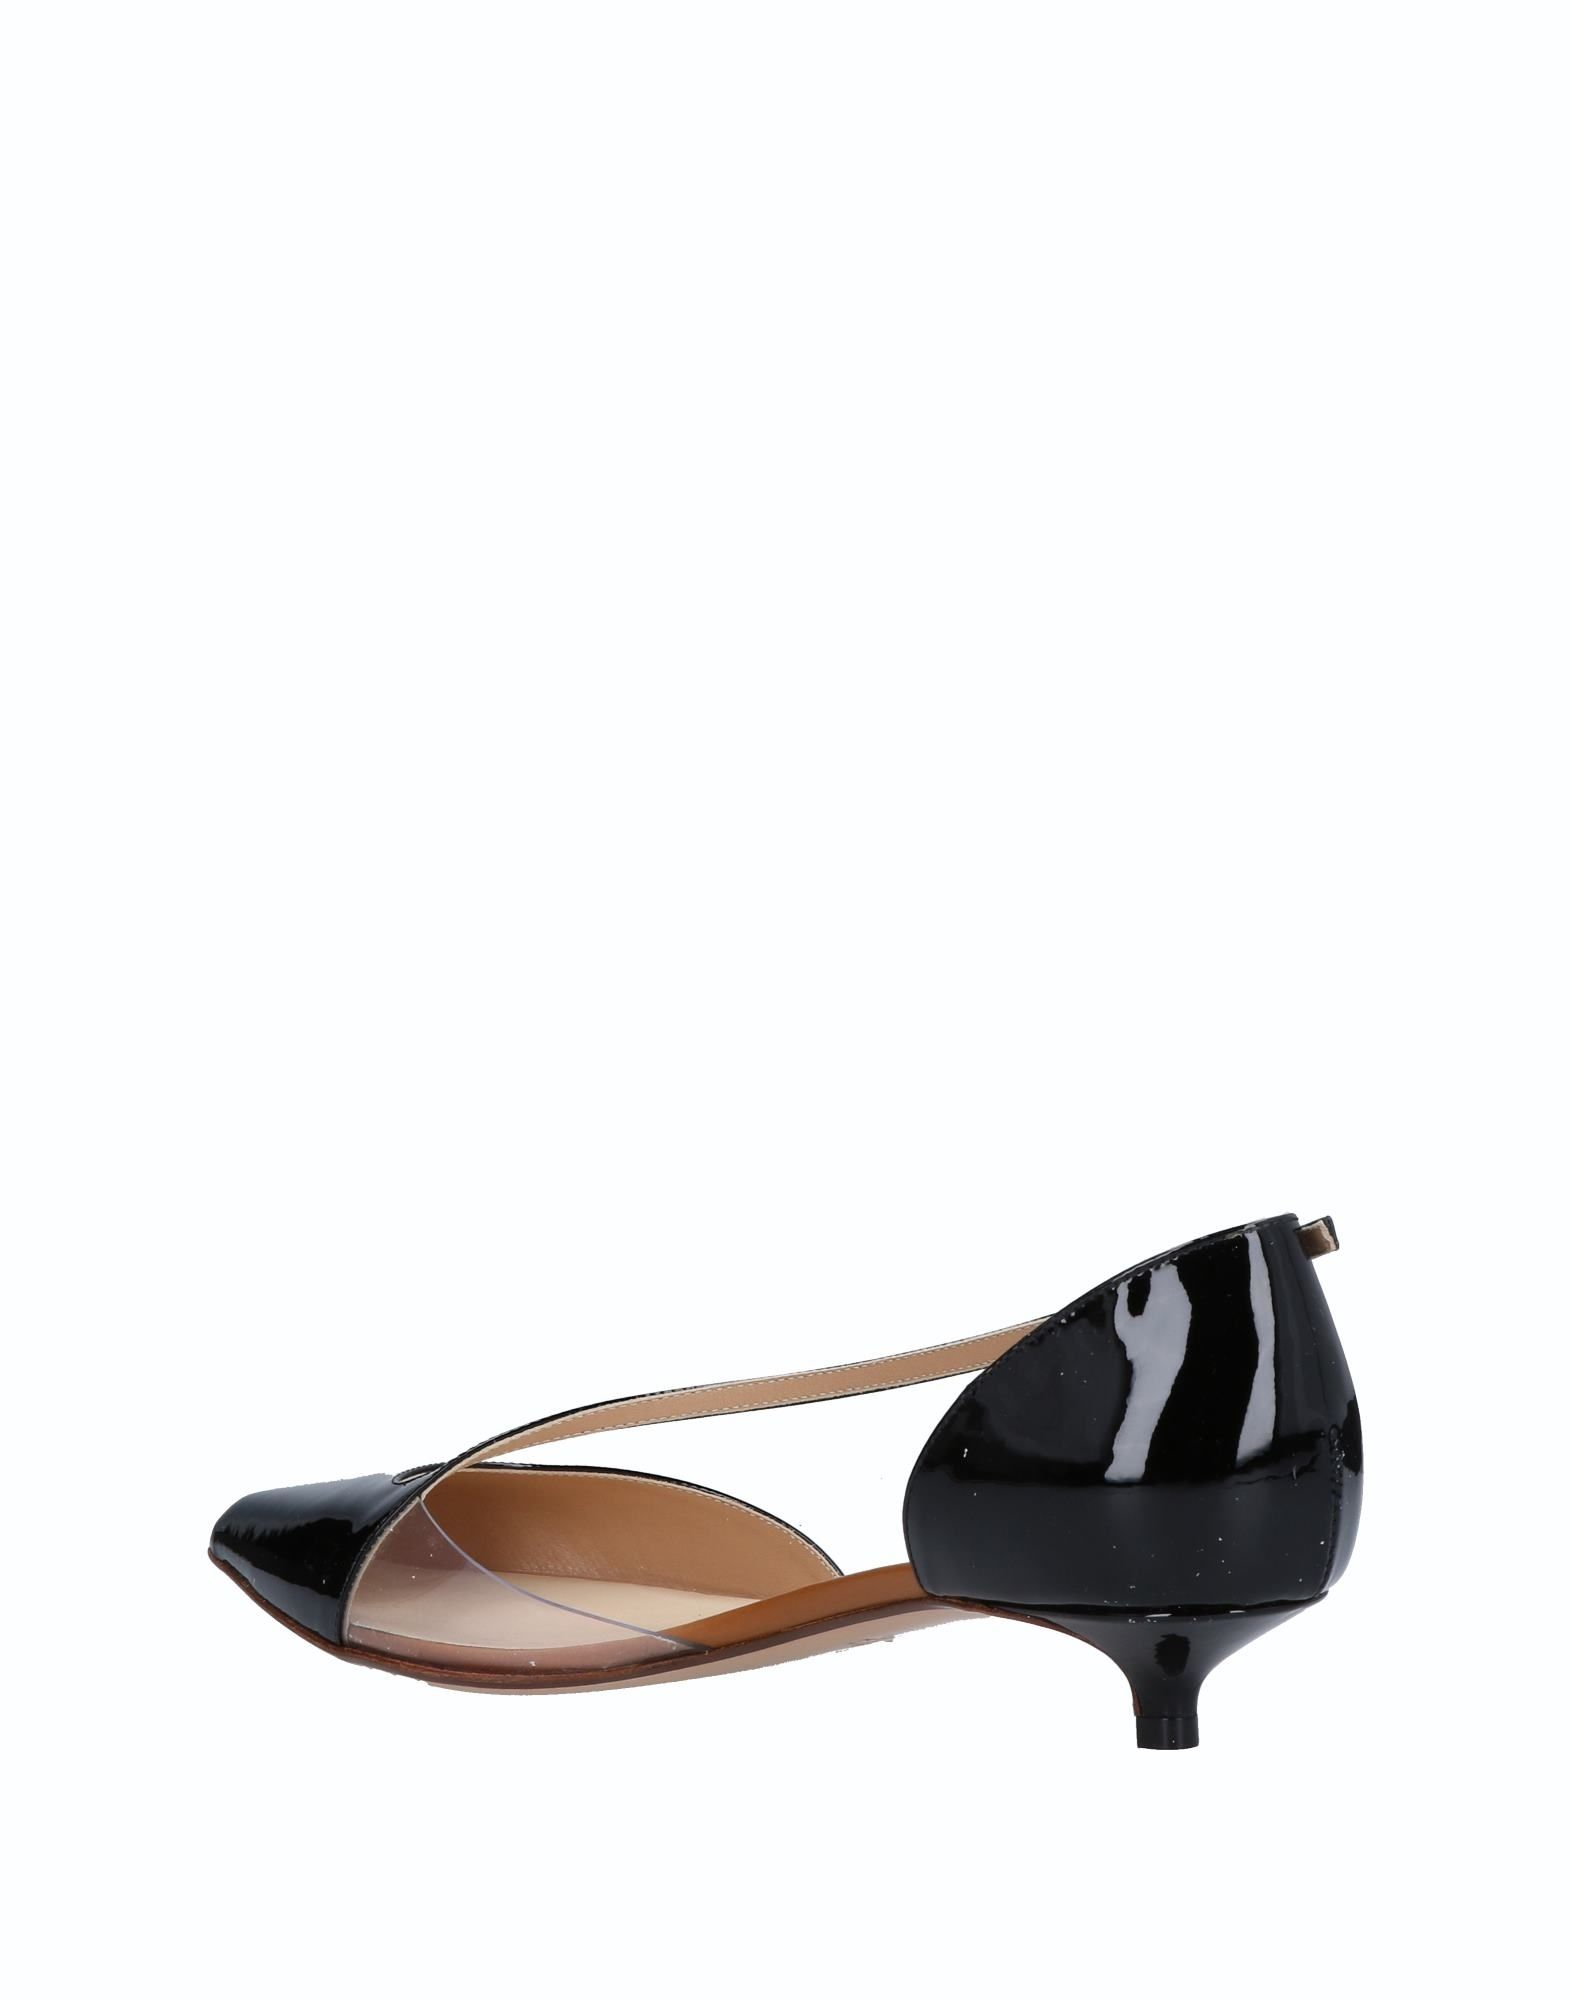 Francesco Schuhe Russo Pumps Damen  11510429LMGünstige gut aussehende Schuhe Francesco b4a4f0